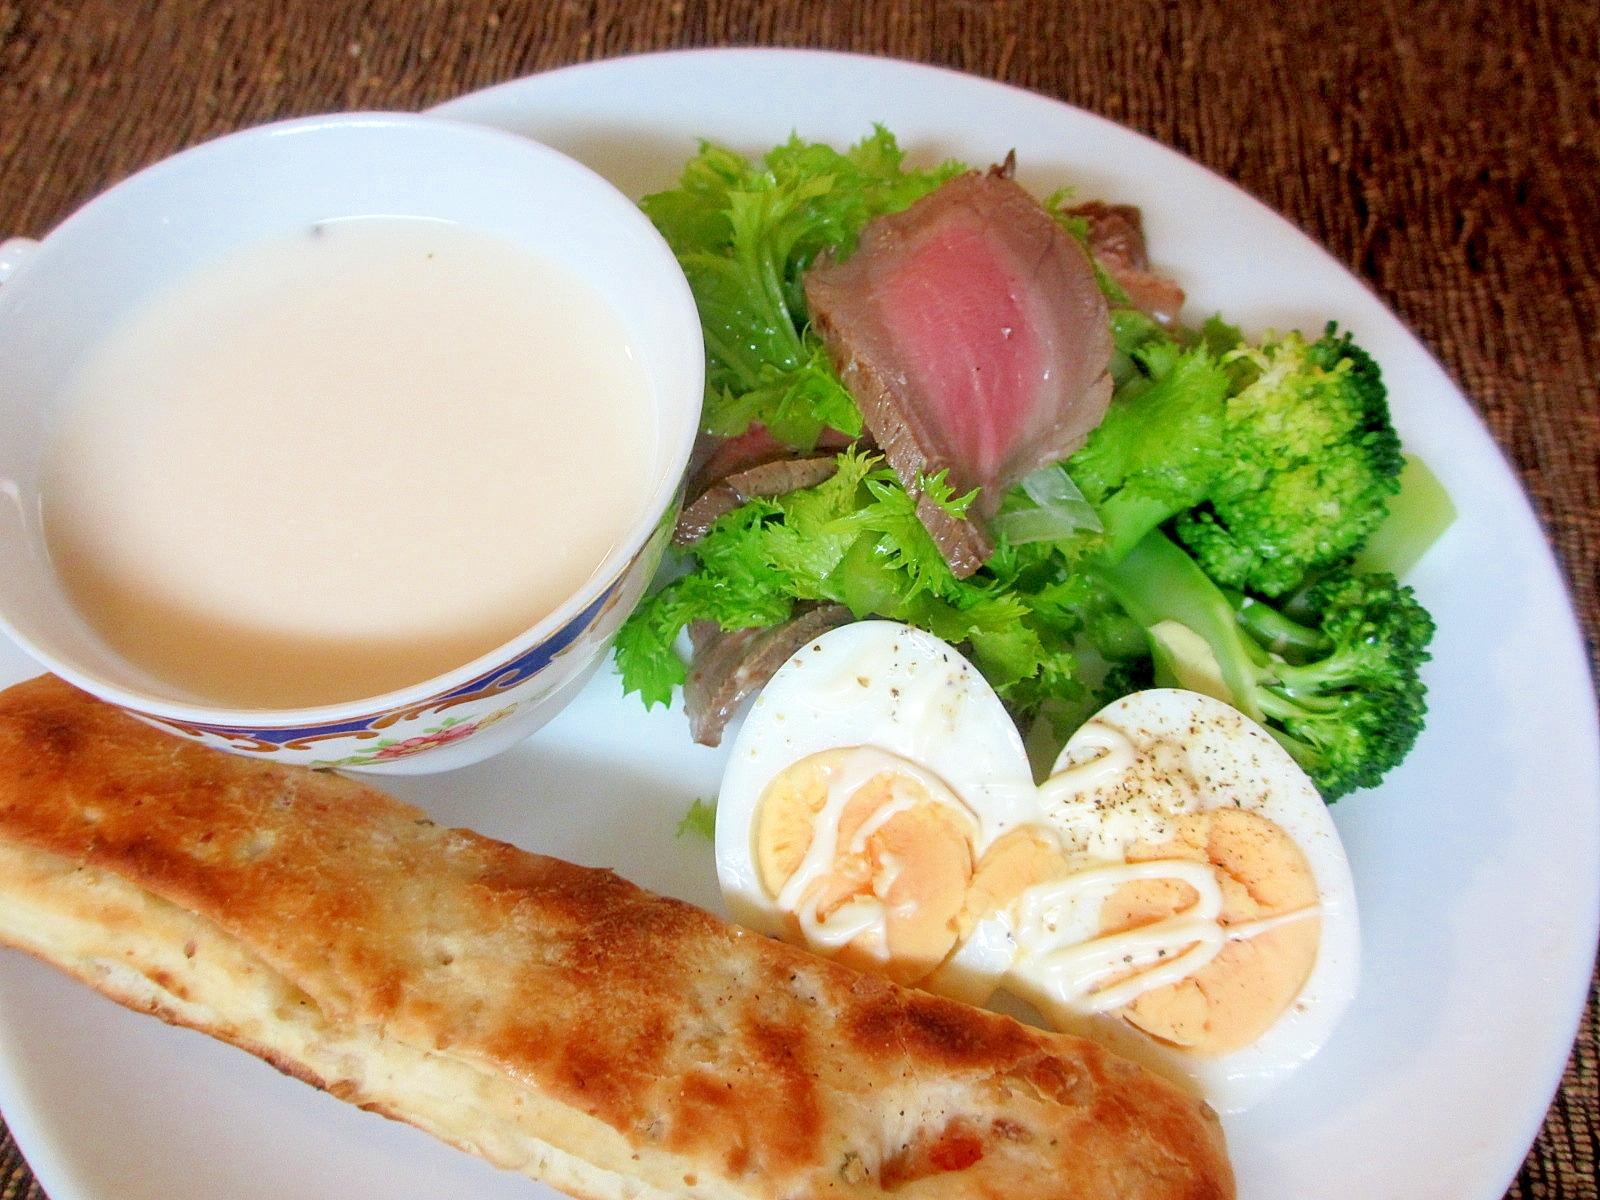 ロースとビーフとわさび菜のサラダの朝パンプレート